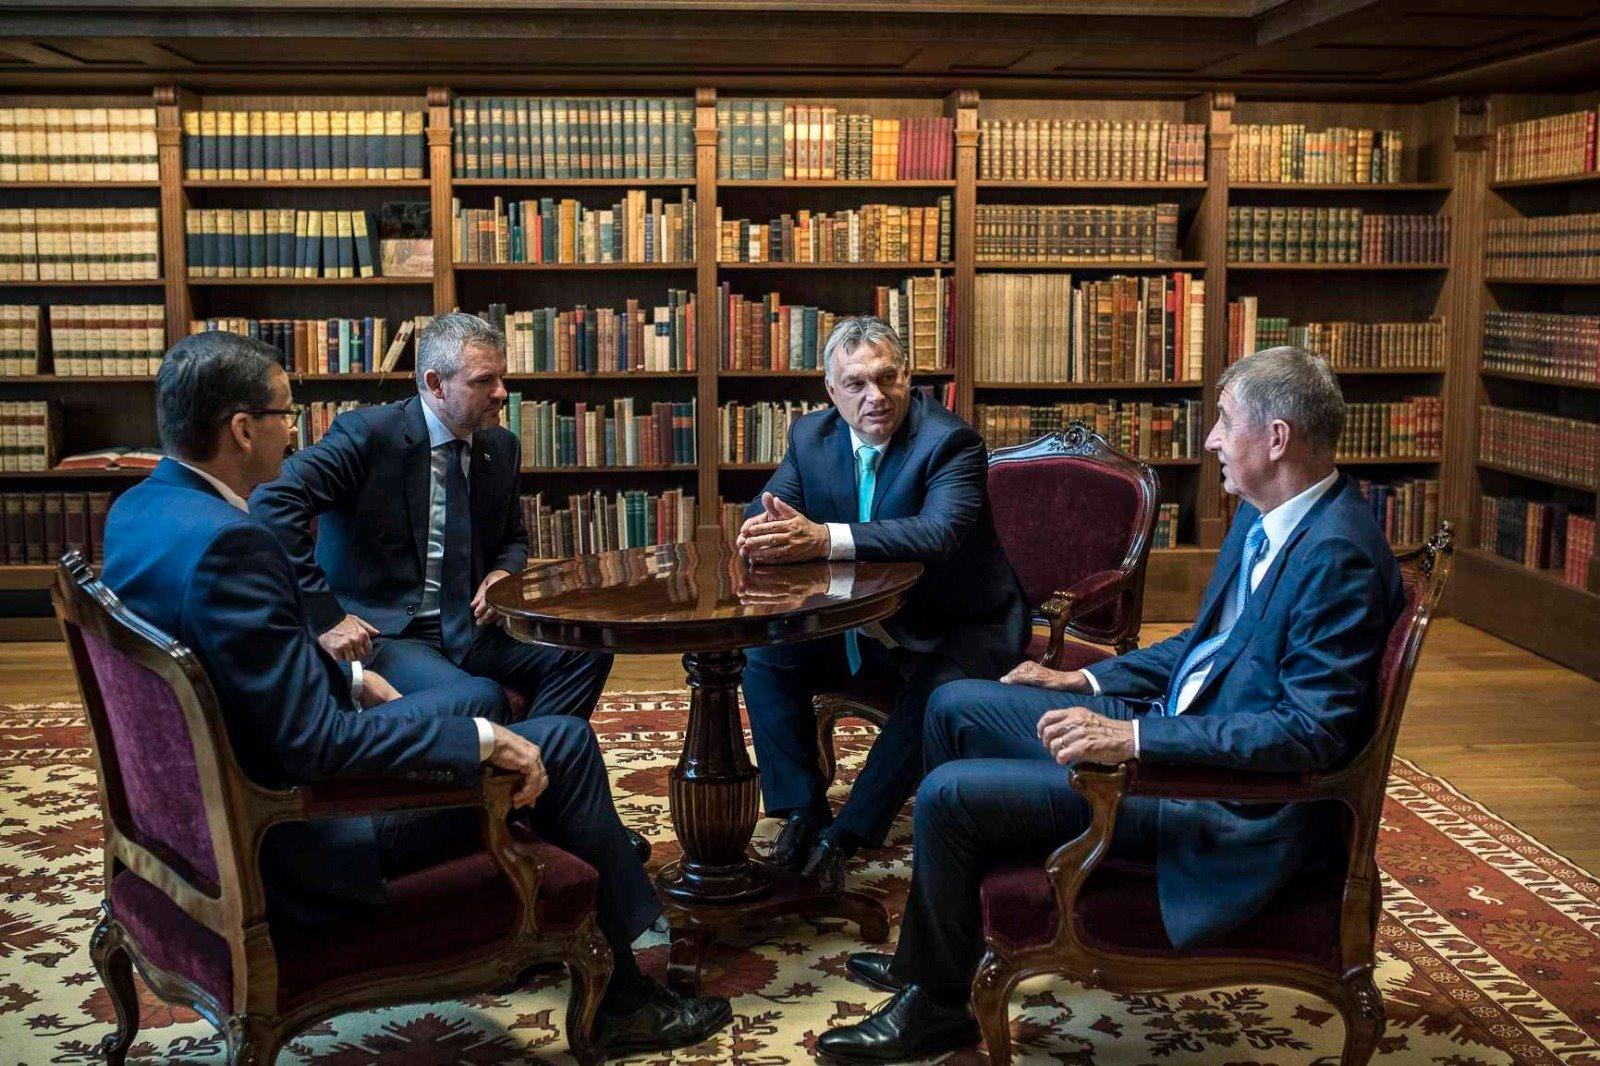 Les Premiers ministres du V4 en réunion de travail à Budapest le 13 juin 2019. De gauche à droite : Mateusz Morawiecki (PL), Peter Pellegrini (SK), Viktor Orbán (HU), Andrej Babiš (CZ). Photo : Page facebook officielle d'Andrej Babiš.